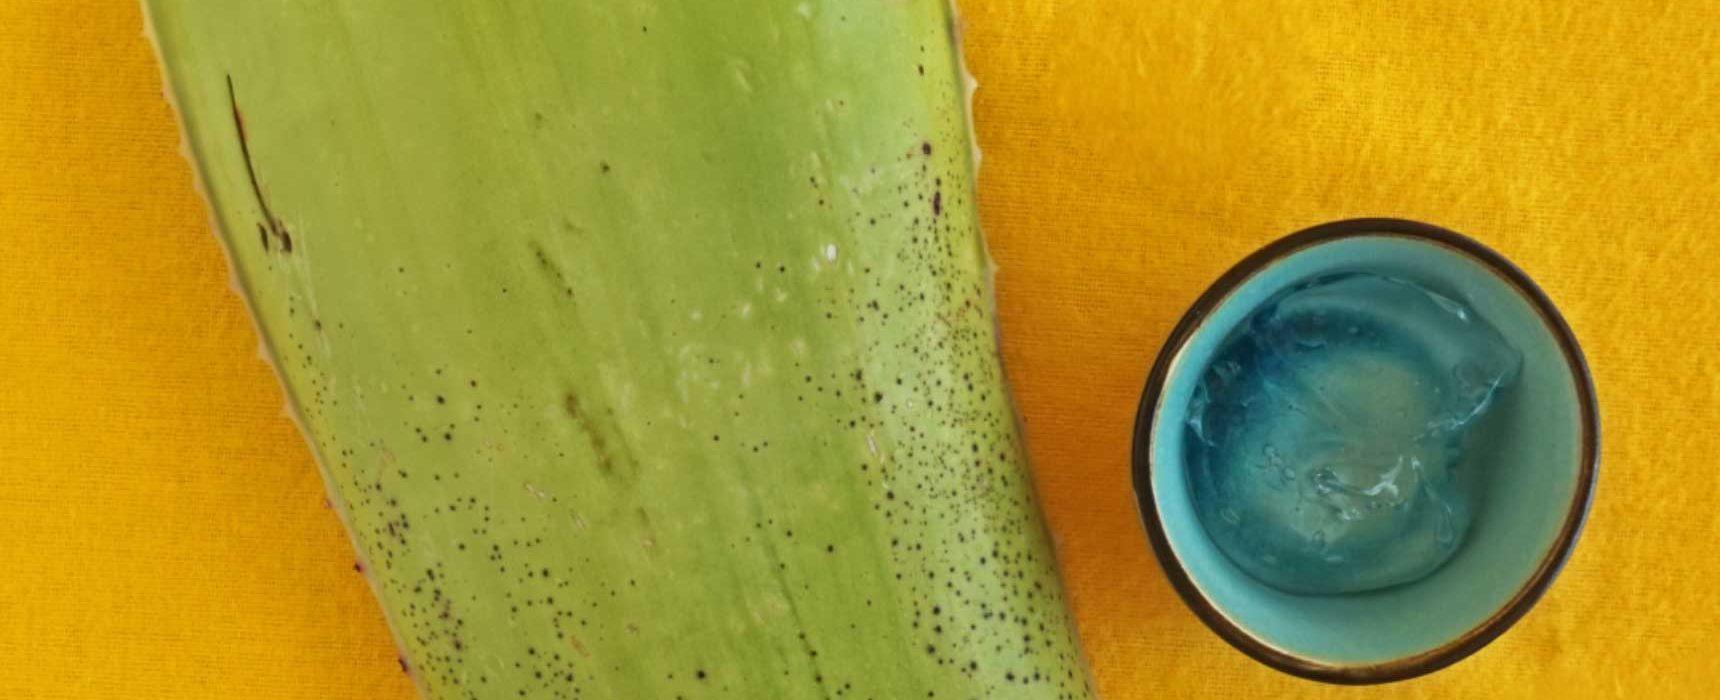 www.detail-verliebt.de: Aloe Vera Gel selber machen aus einem Aloe Vera Blatt: einfach und schnell. Aloe Vera verwenden, mit Aloe Vera pflegen und Aloe Vera in der DIY Kosmetik. #aloevera #diykosmetik #kosmetikselbermachen #stopbuyingstartmaking #keinekosmetikkaufen #naturkosmetik